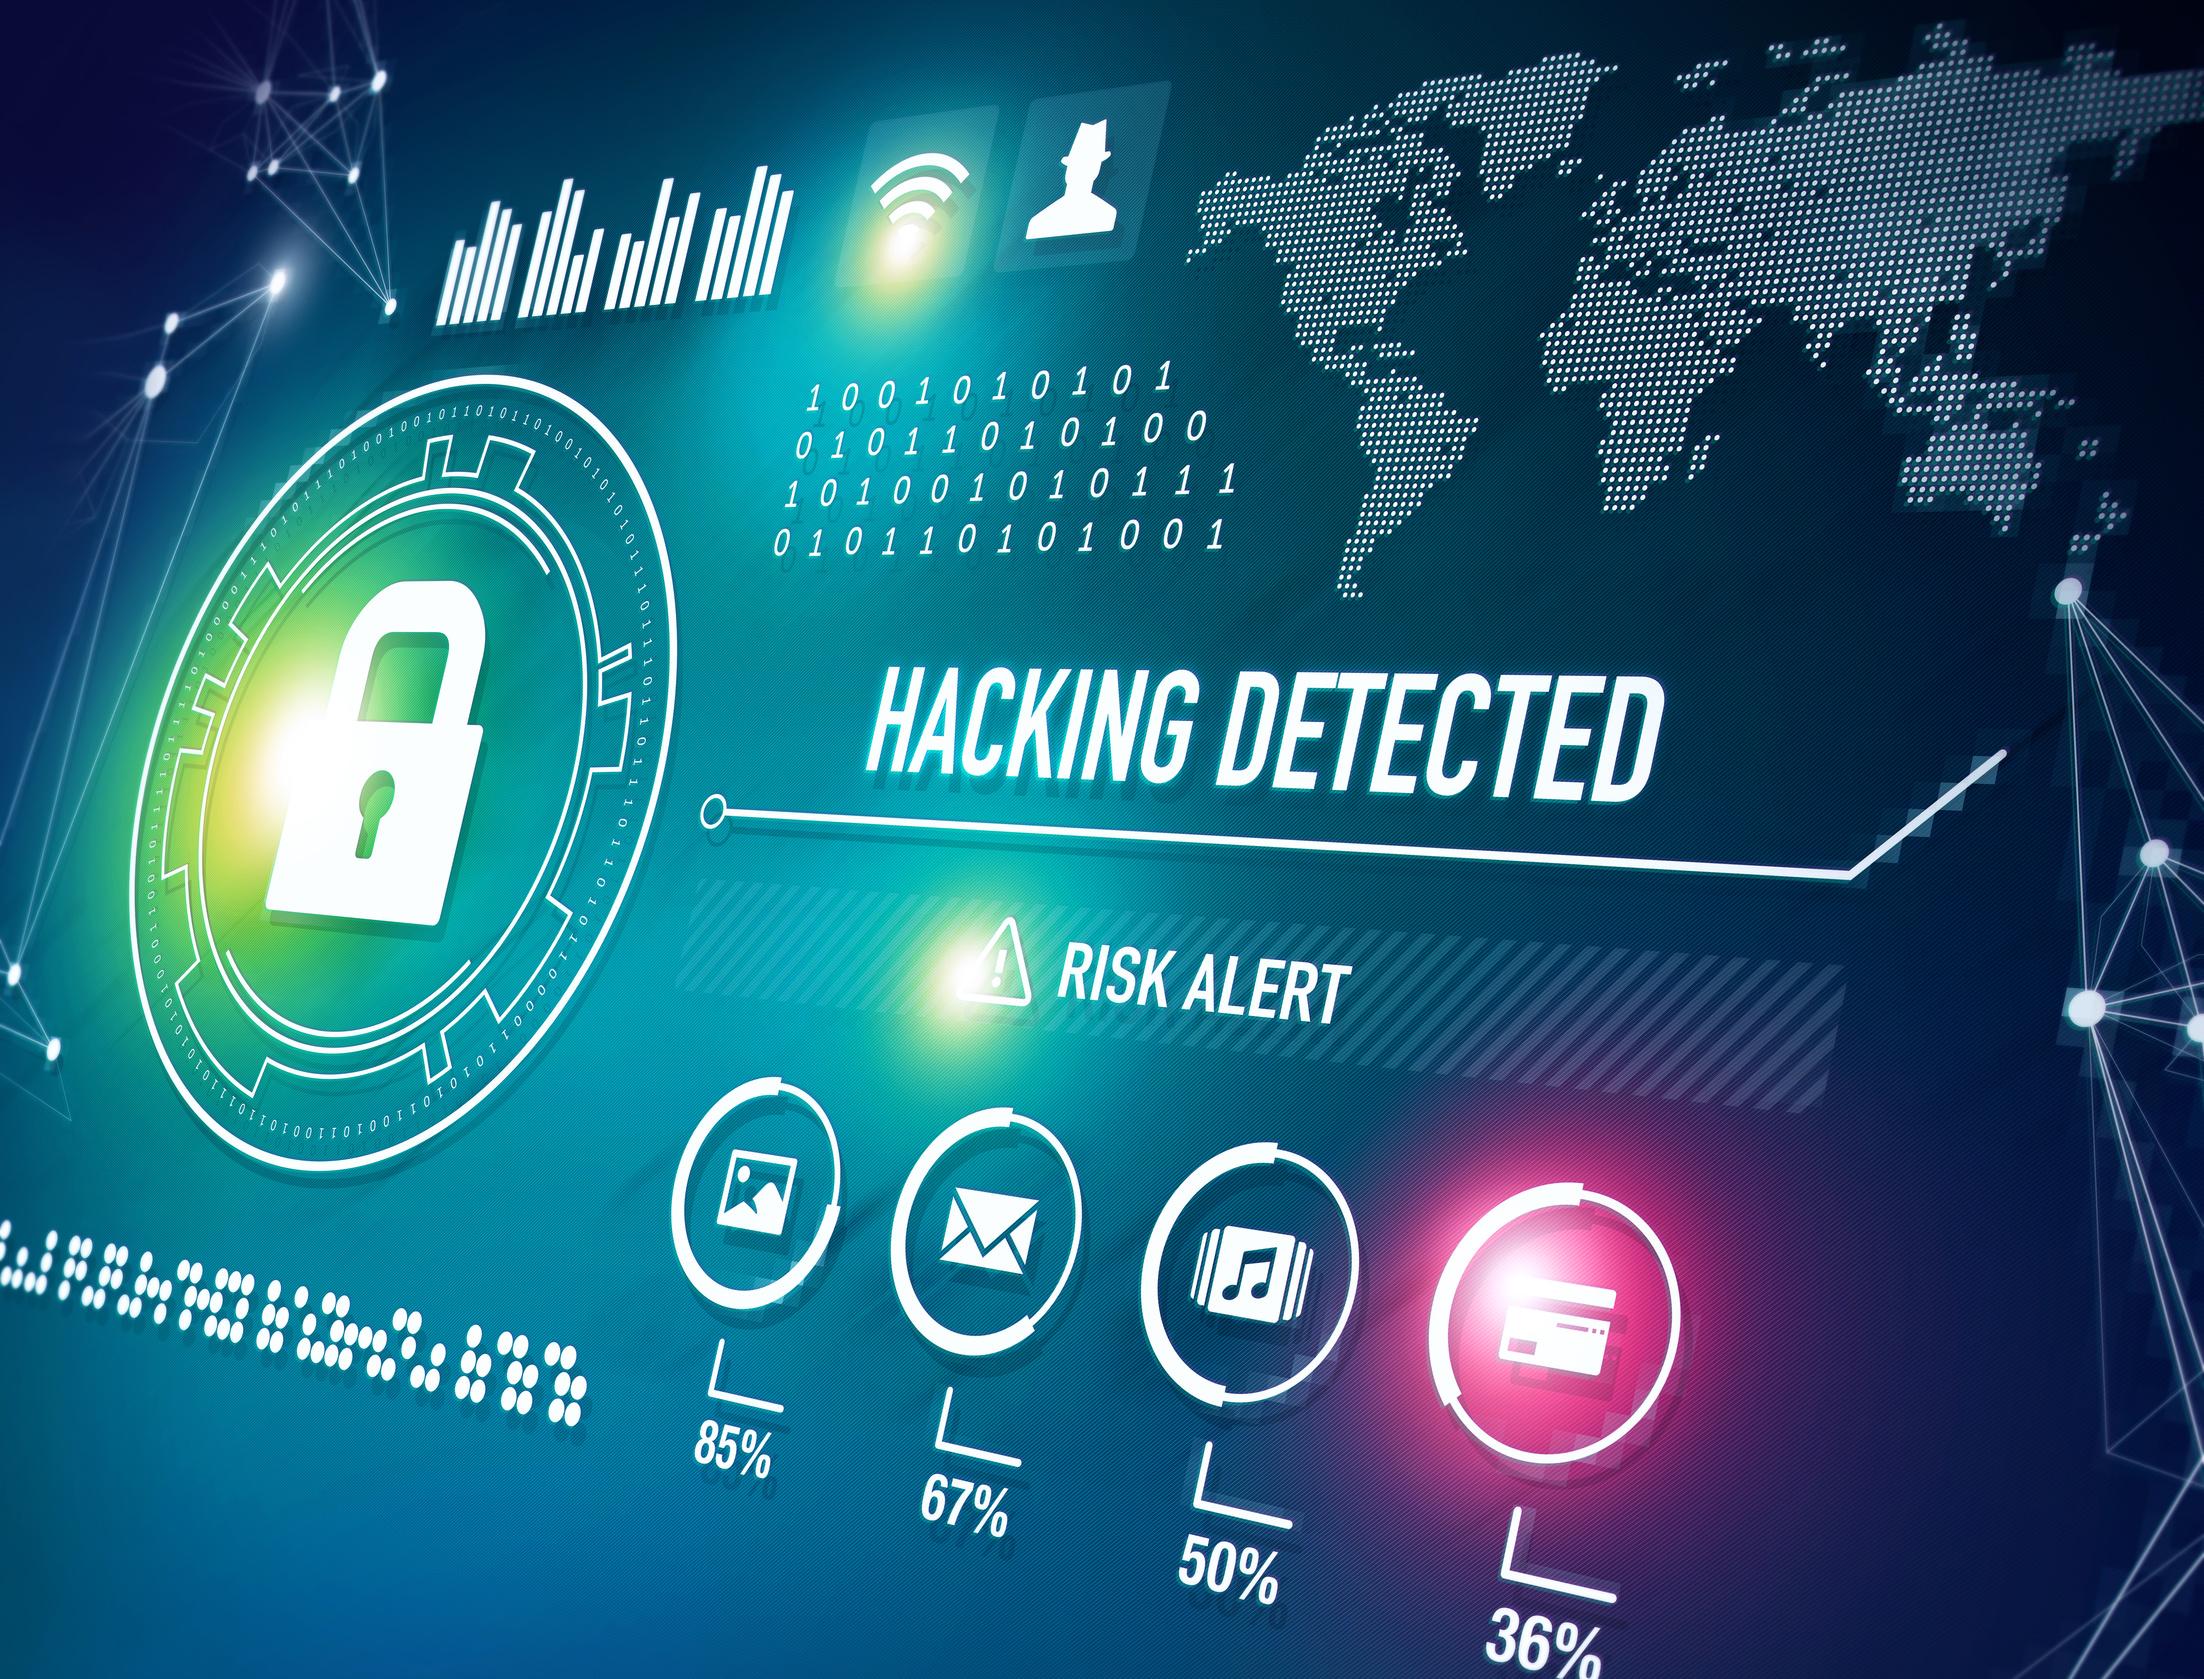 為避免讓軍方將領成為中共黑客攻擊的目標,美國海軍決定改變以往做法,不再公佈新提名和新晉陞的海軍軍官名單,以保護個人信息安全。(Fotolia)